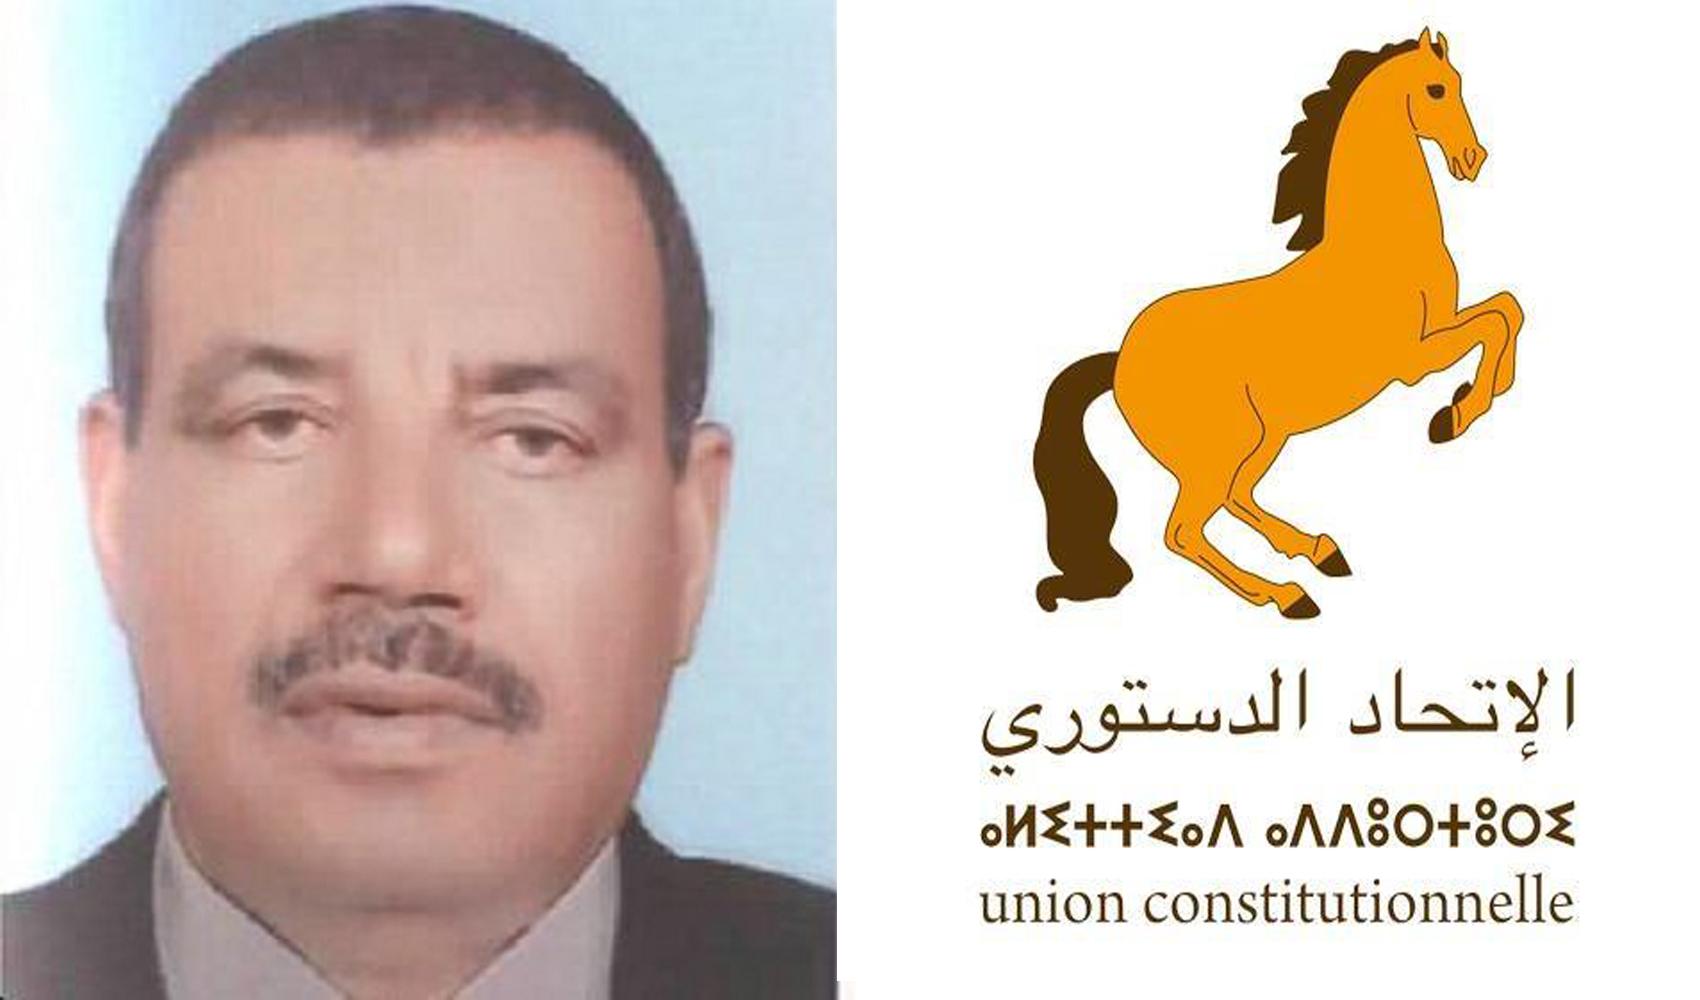 الاتحاد الدستوري يفوز برئاسة جماعة دار العسلوجي